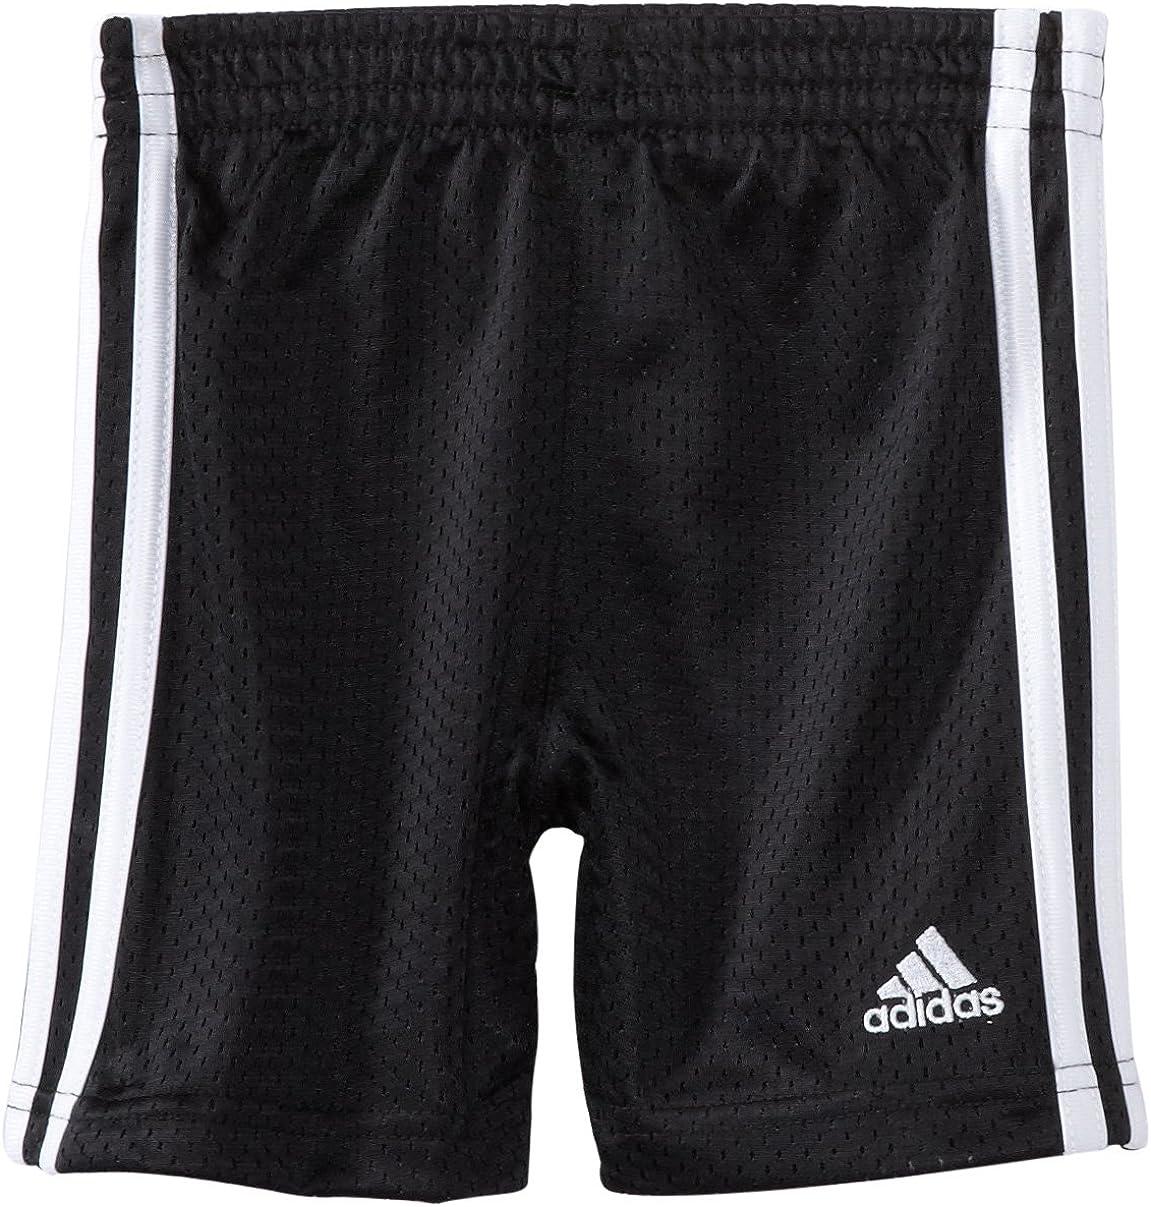 Amazon.com: adidas Boys' Active Mesh Short: Athletic Shorts: Clothing